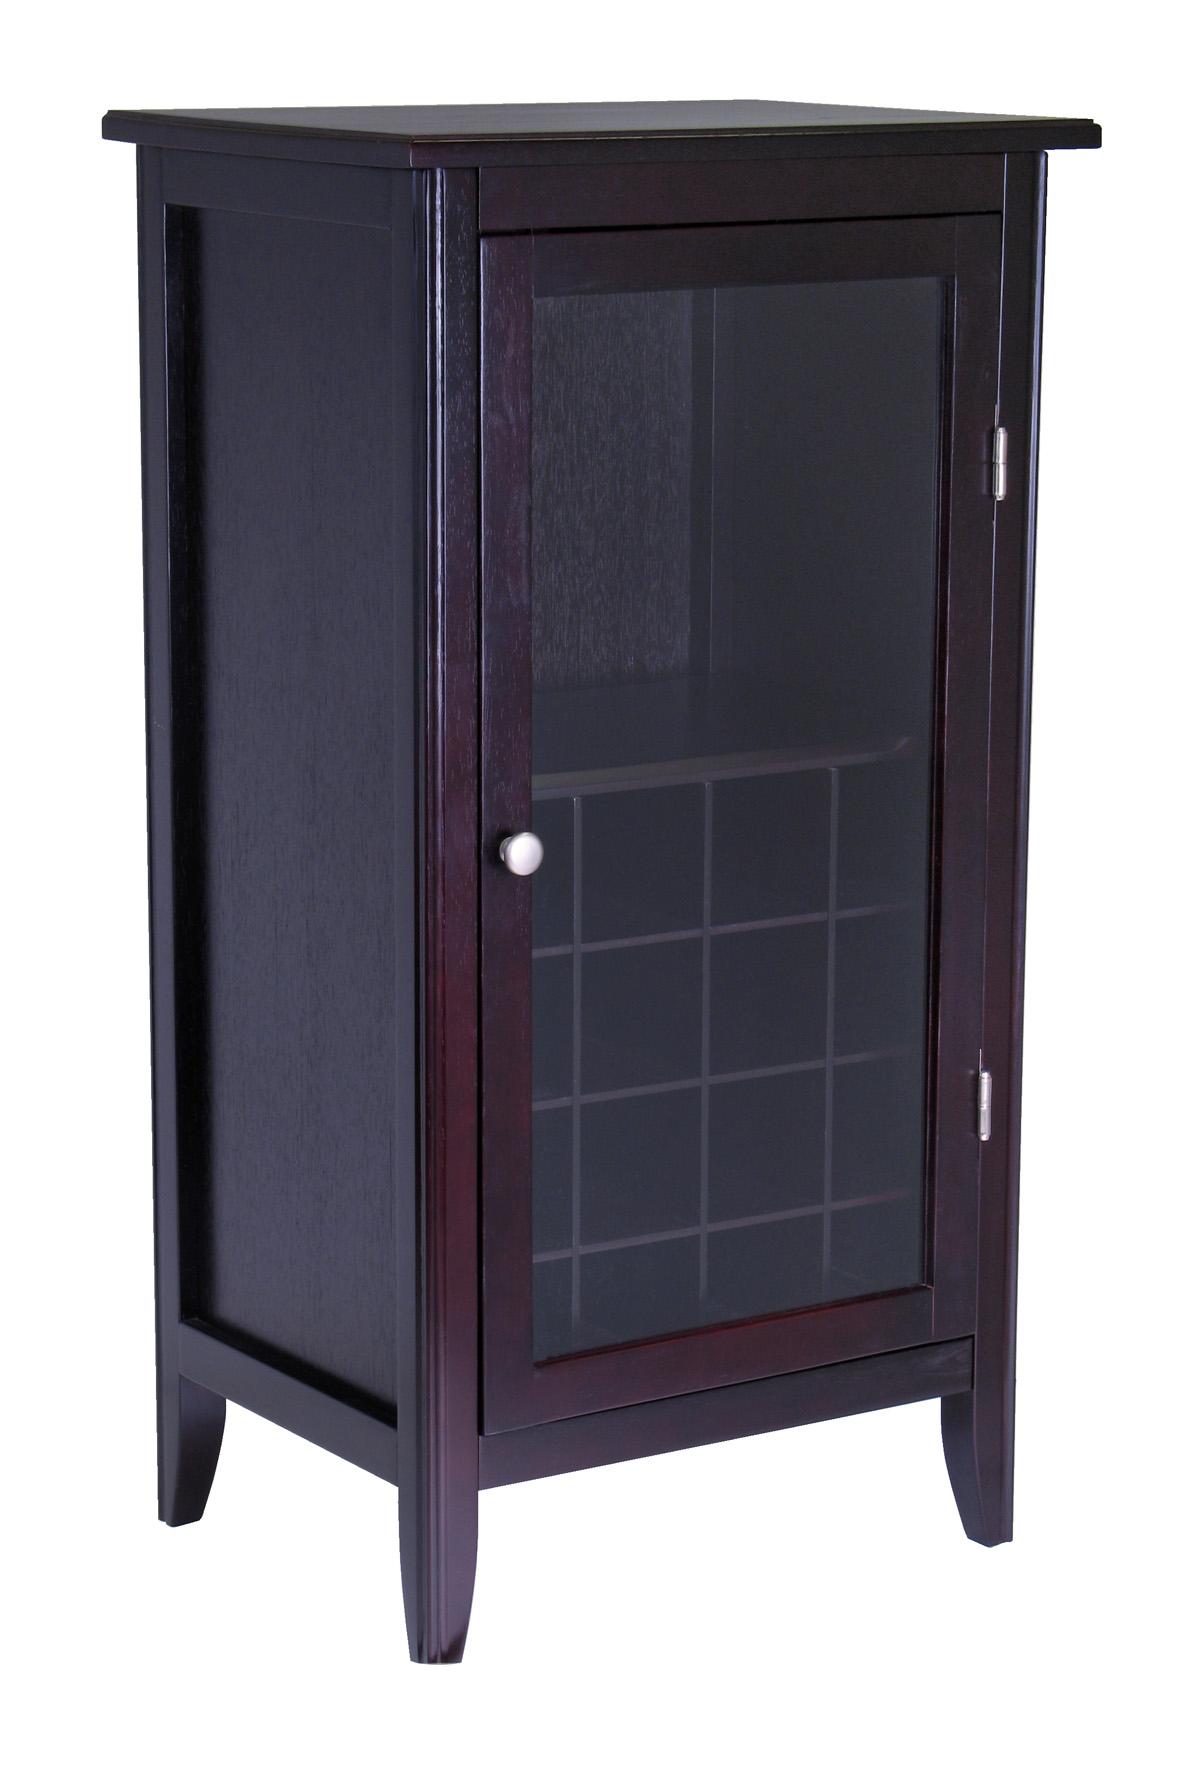 WINSOME RYAN WINE CABINET 16 BOTTLE ONE DOOR GLASS RACK